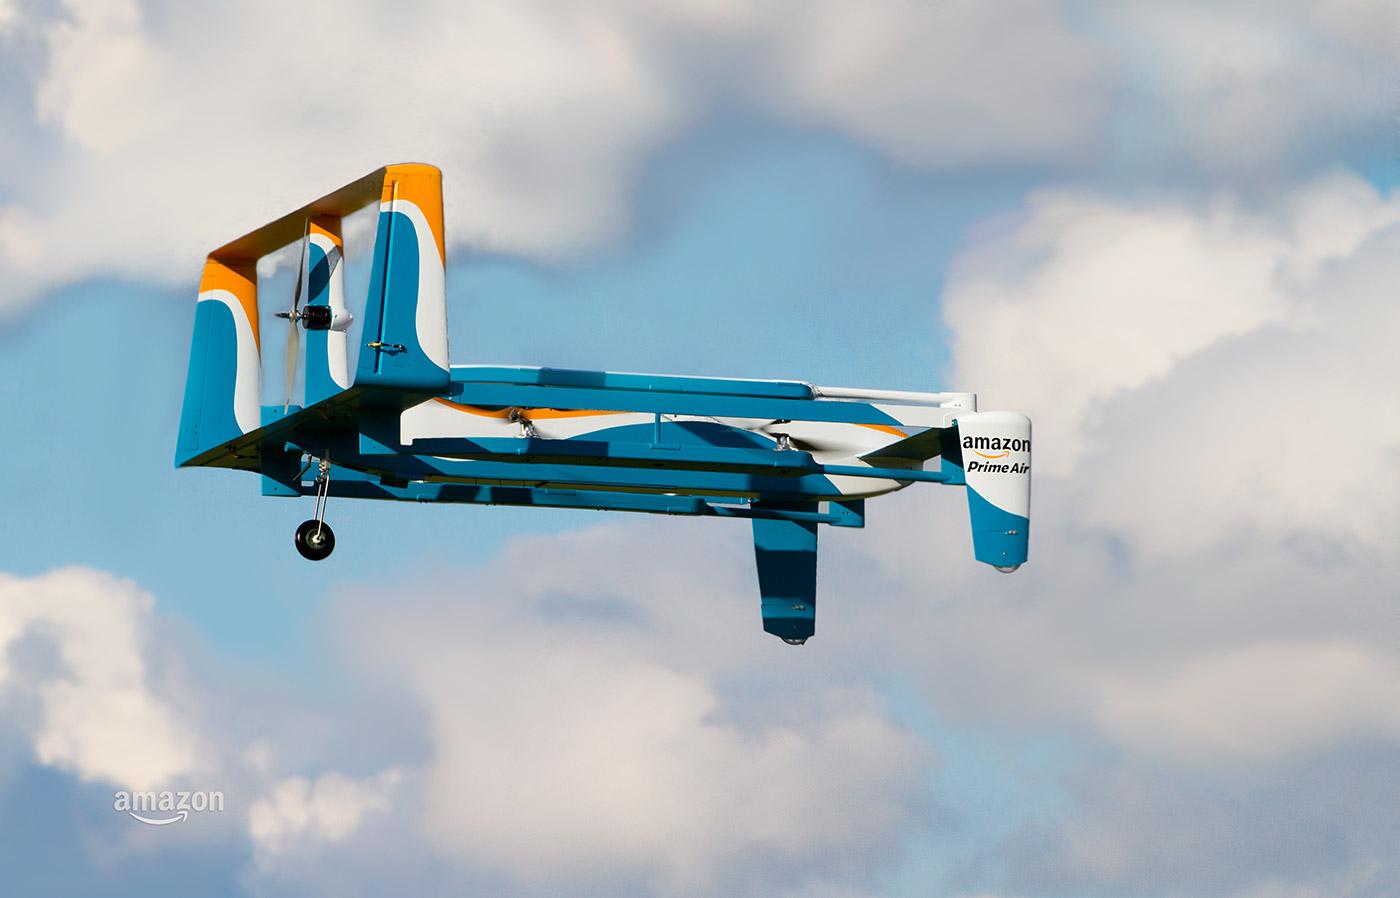 Il dirigente di Amazon spiega come i fuchi di mandata aria di perfezione funzioneranno